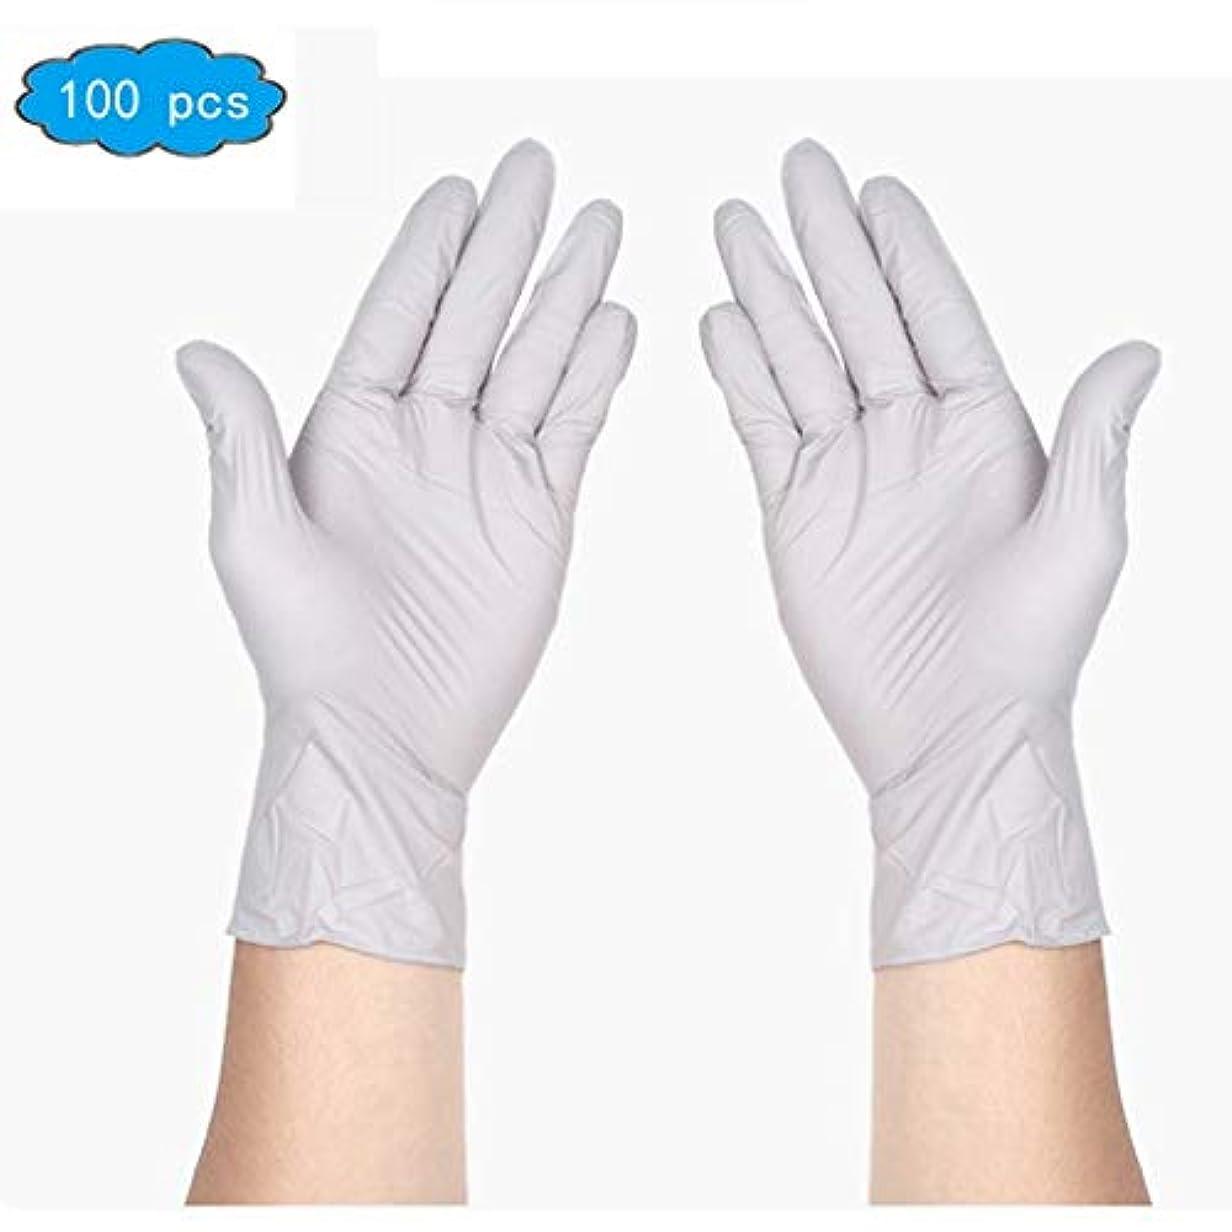 として過激派努力ニトリル試験用手袋 - 医療用グレード、パウダーフリー、ラテックスラバーフリー、使い捨て、非滅菌、食品安全、テクスチャード加工、白色、2.5ミル、便利なディスペンサー、100個入り、サニタリーグローブ (Color :...